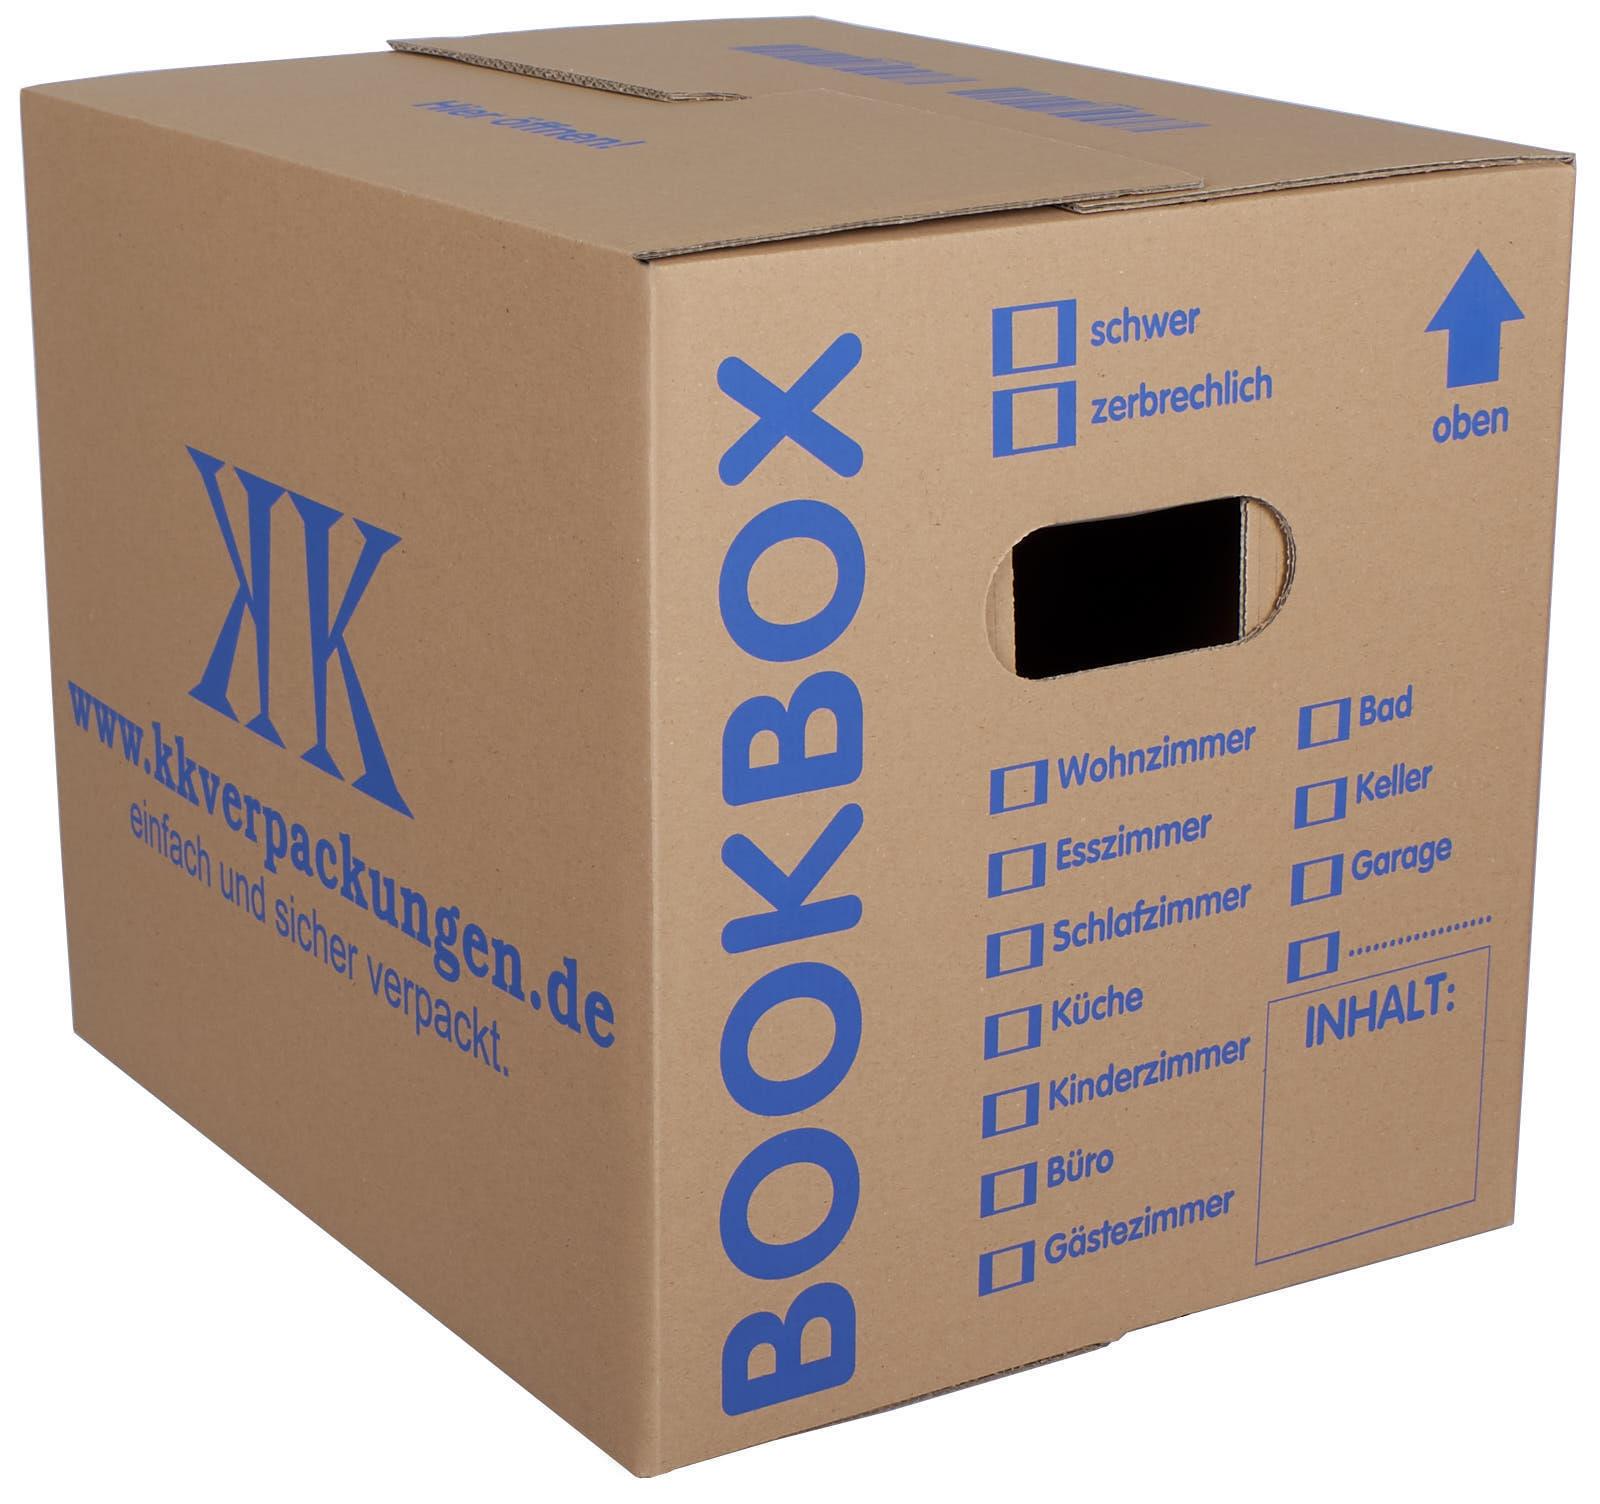 Profi Bücherkartons Bücher Karton 2-wellig 40kg Boxen 25